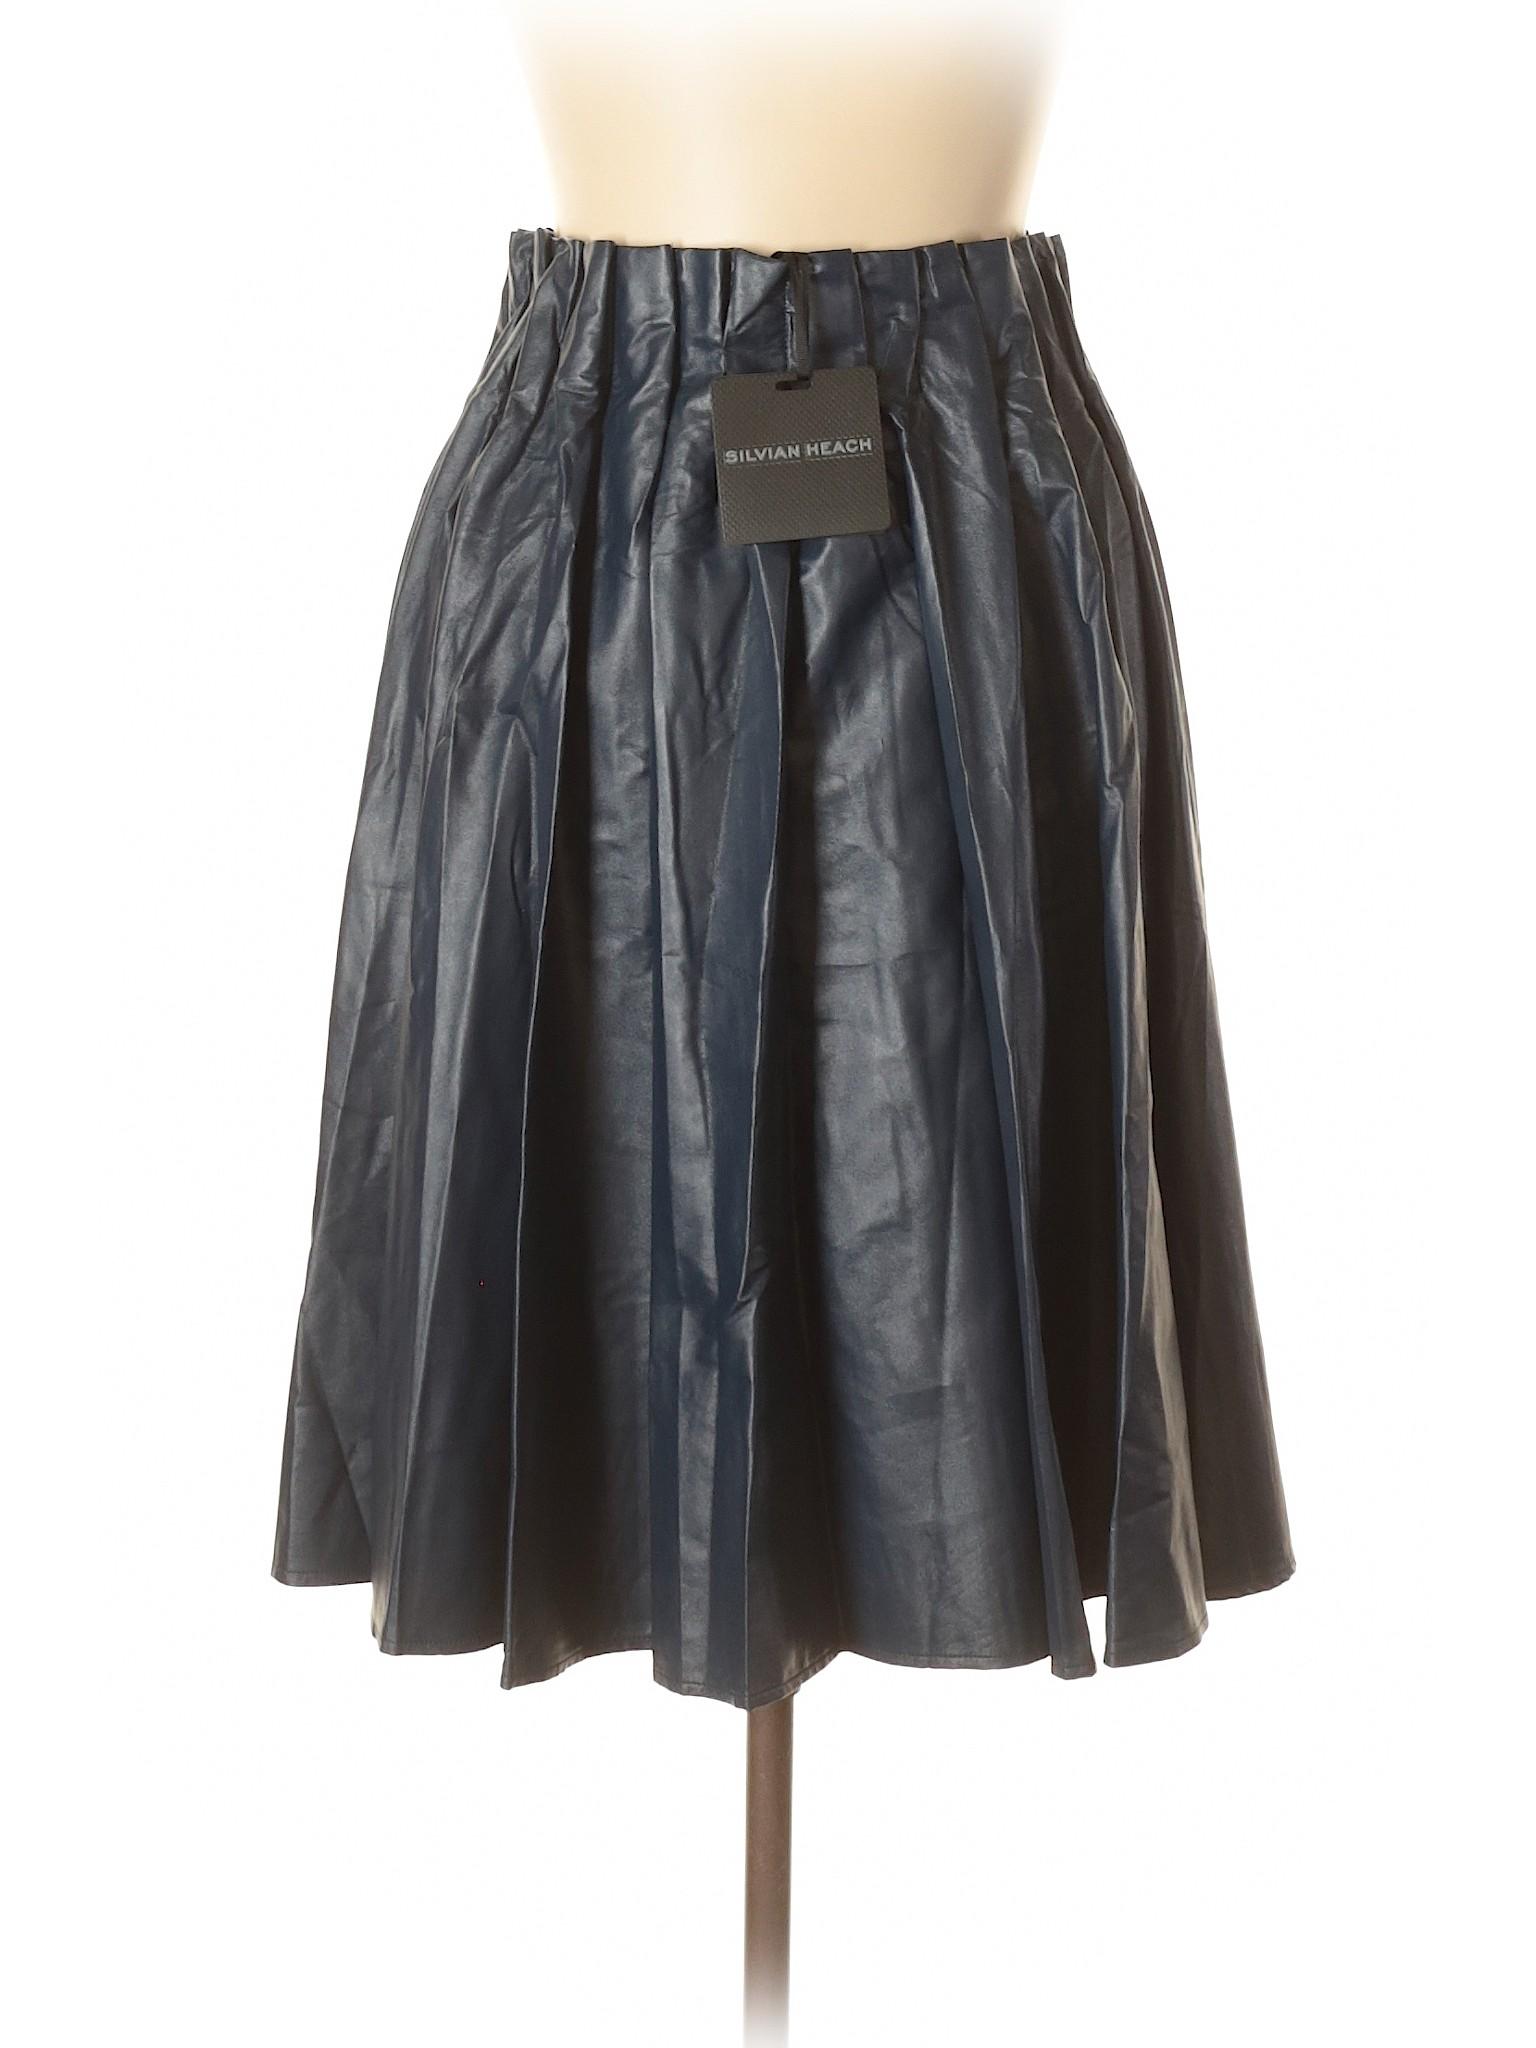 Skirt Boutique Faux Skirt Leather Faux Leather Boutique Boutique Faux qvw6FcT